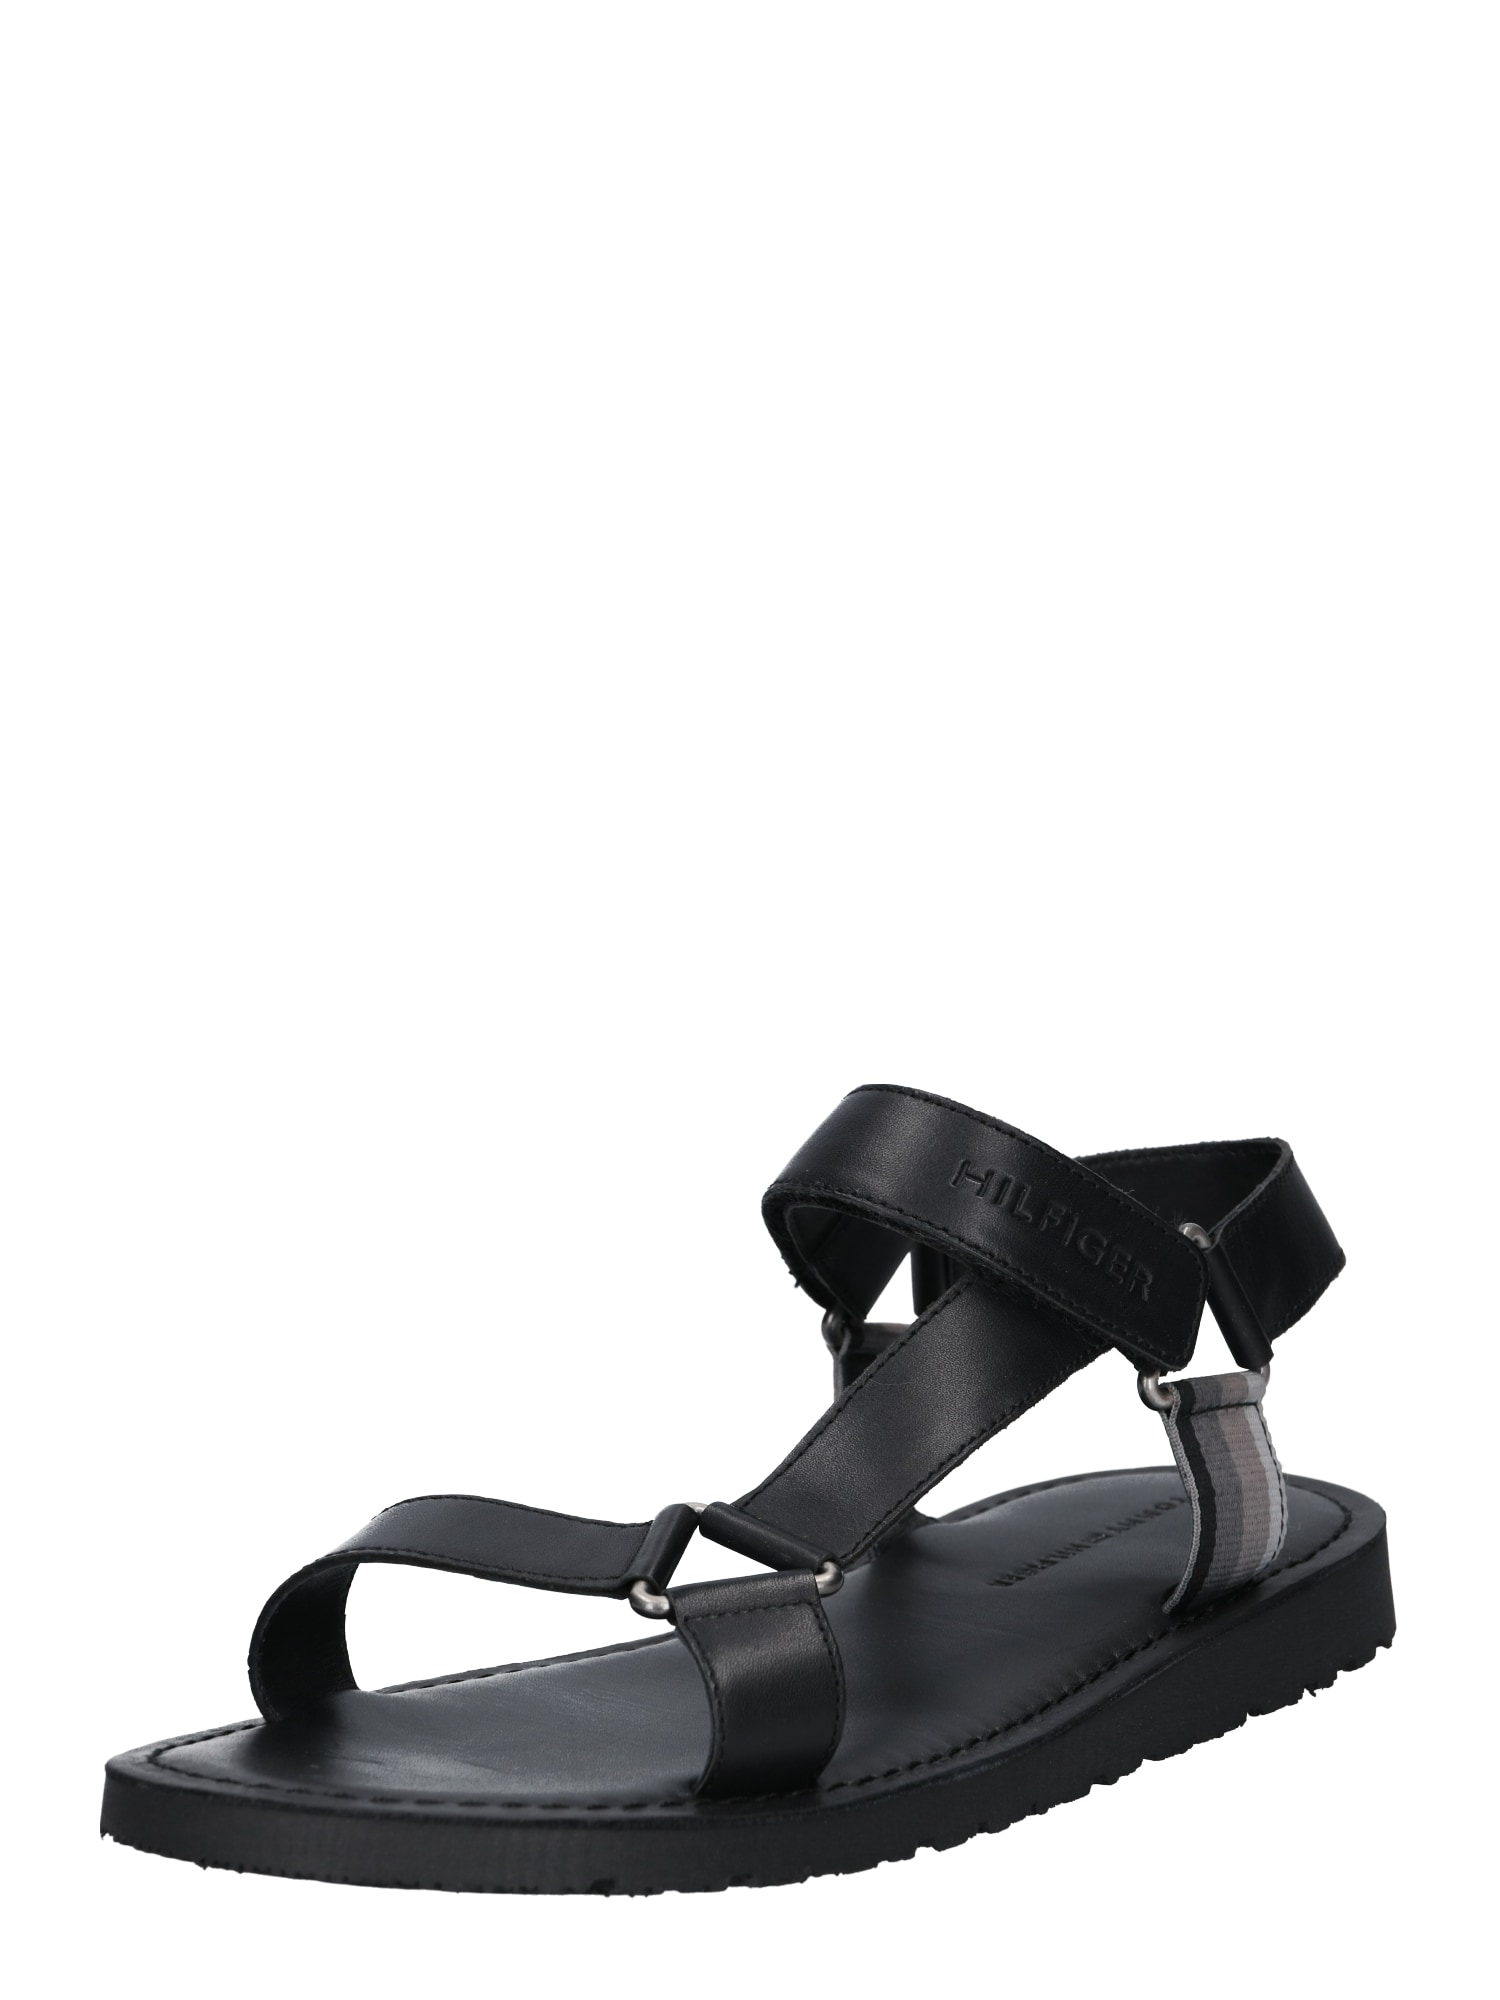 Sandály Strappy černá TOMMY HILFIGER